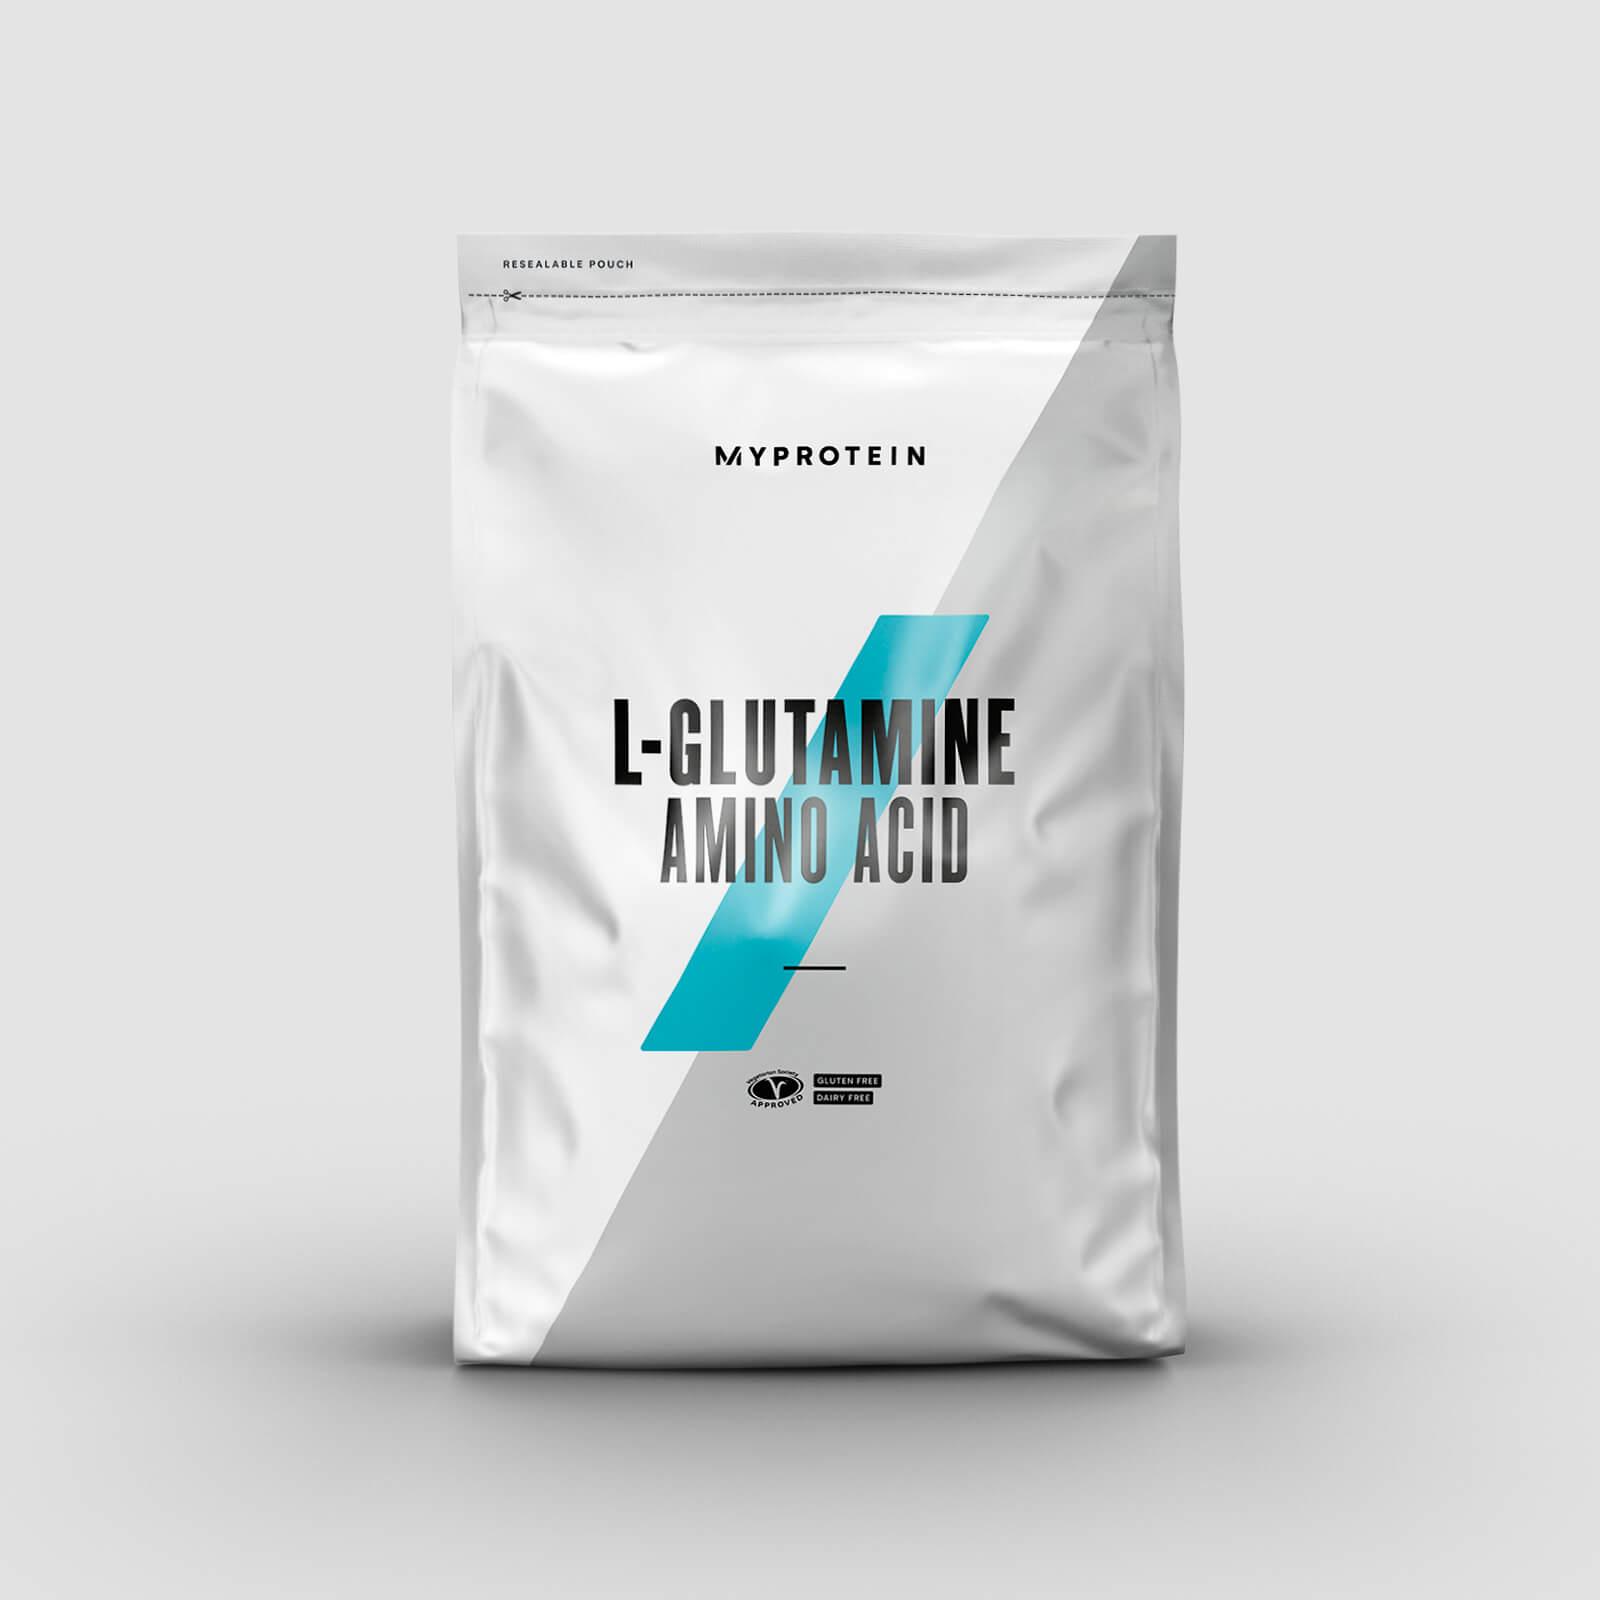 Myprotein L-Glutamine Powder - 500g - Grape